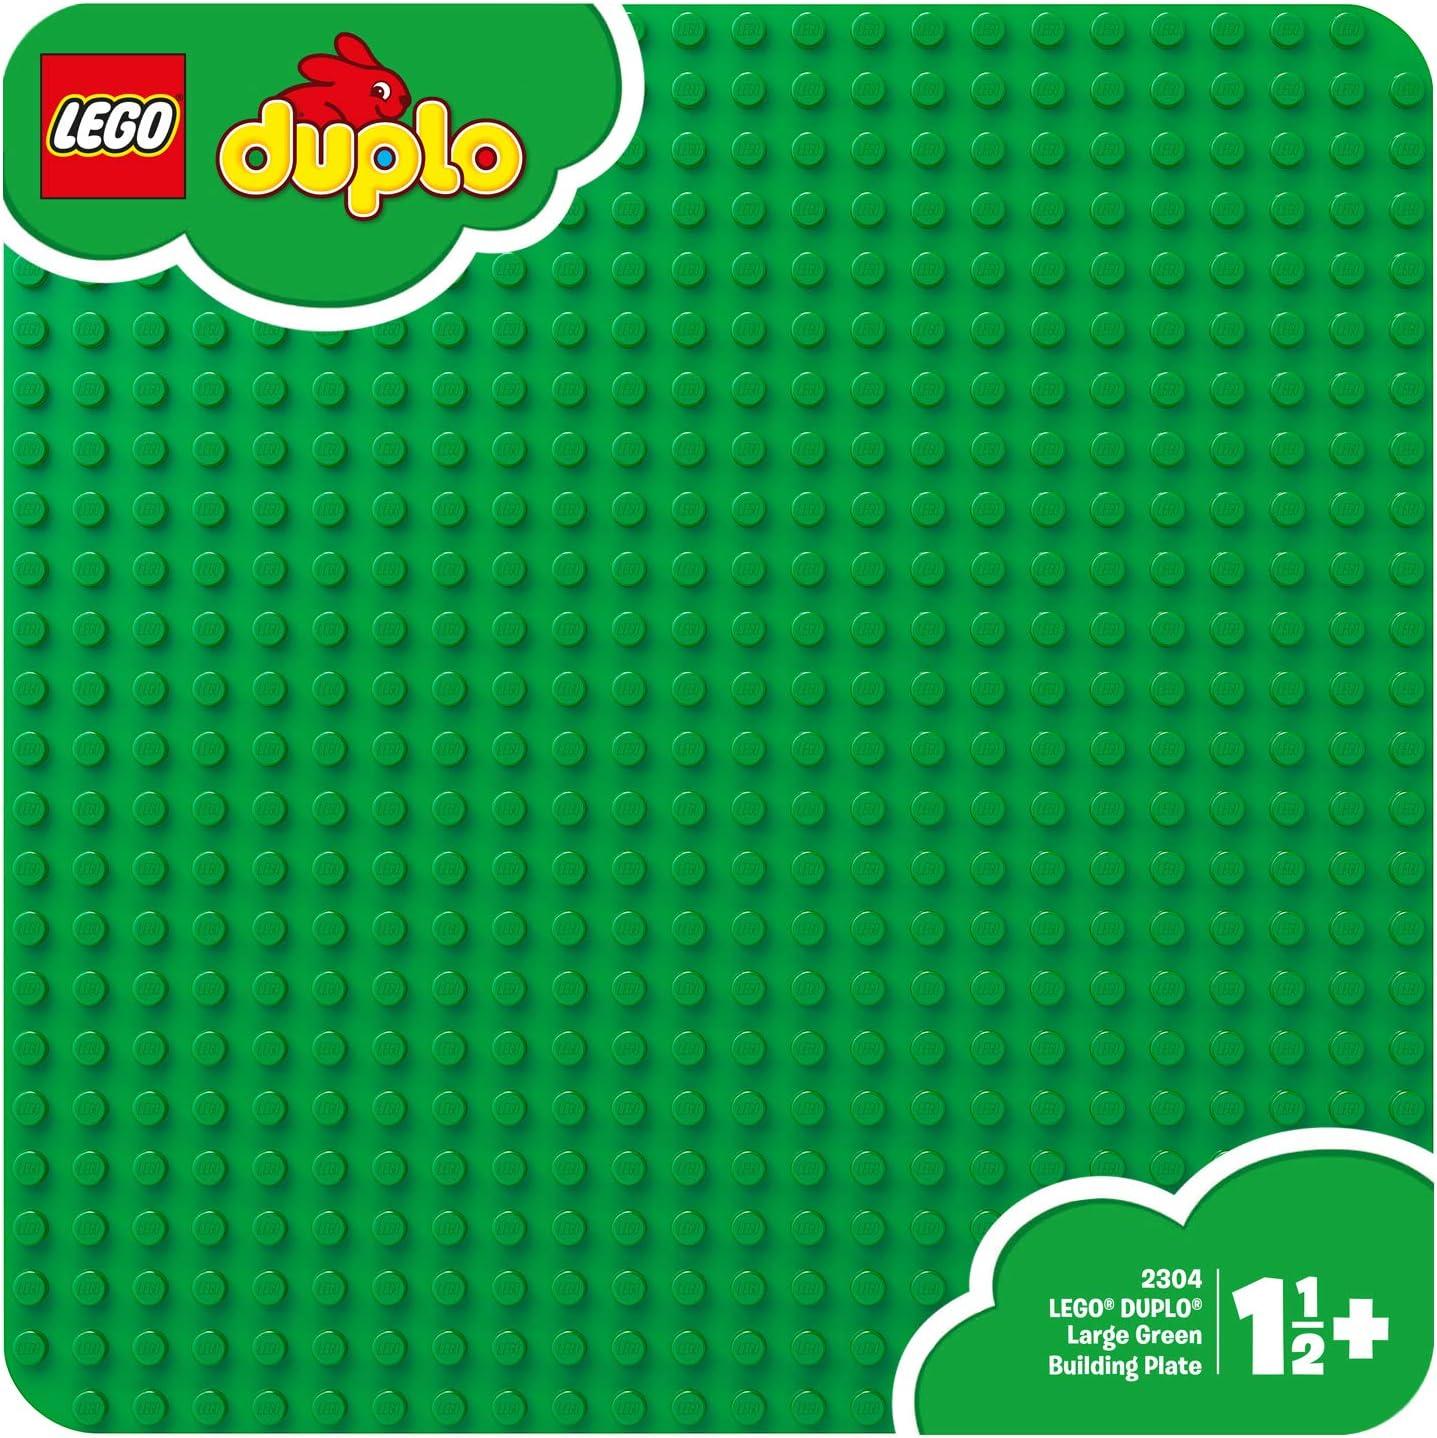 lego duplo base plate amazon